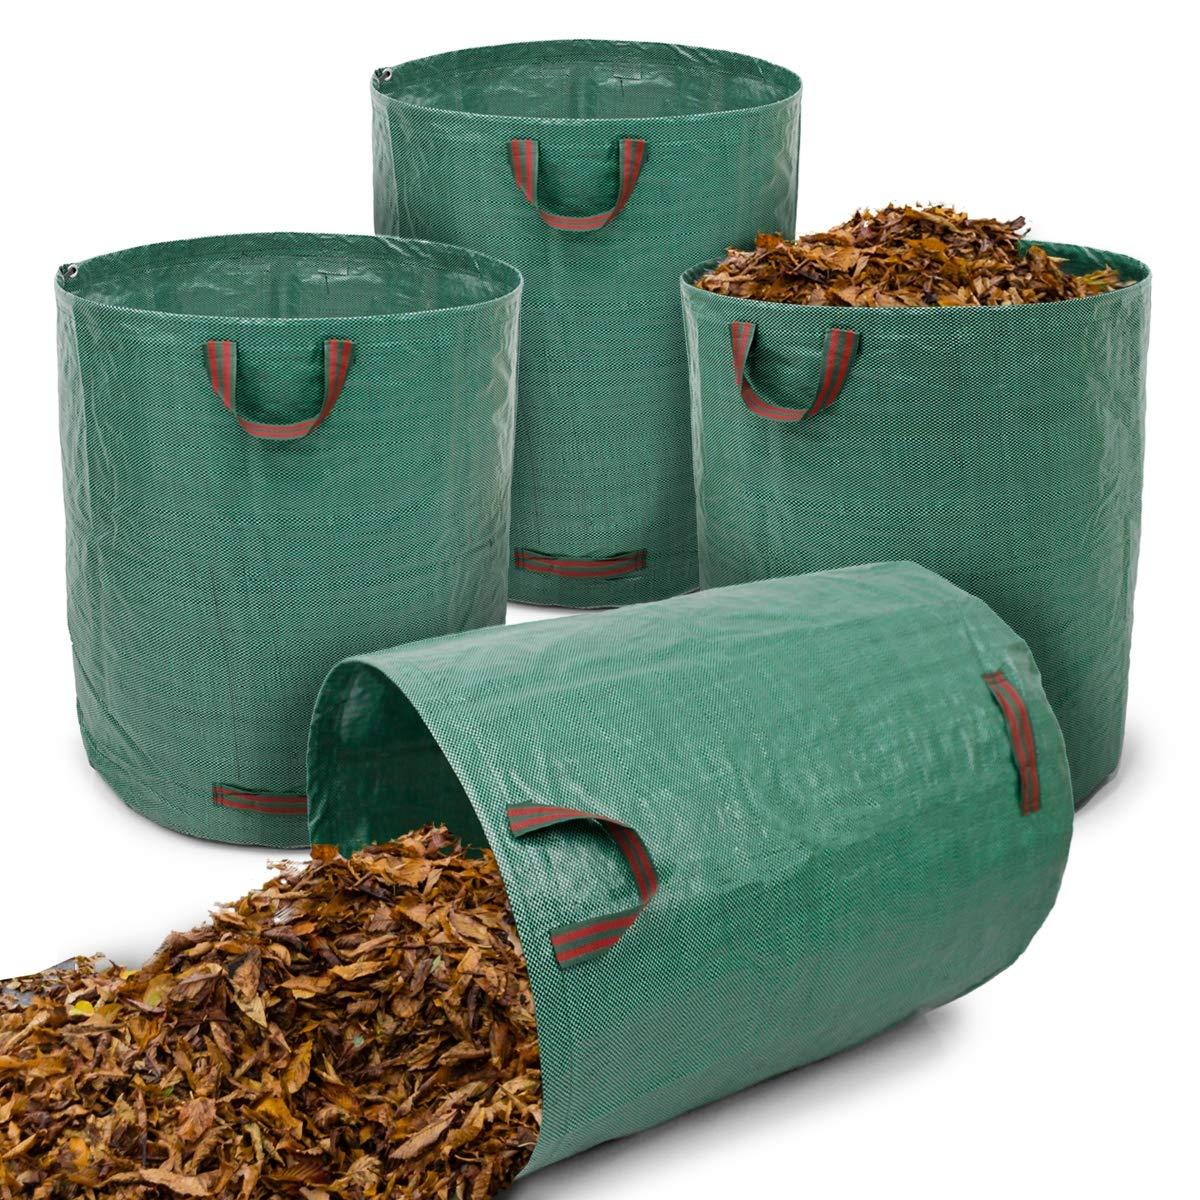 ECD Germany 4 x Bolsas de Residuos de Jardinería Saco para desechos de jardín 270L 67 x 76cm: Amazon.es: Bricolaje y herramientas